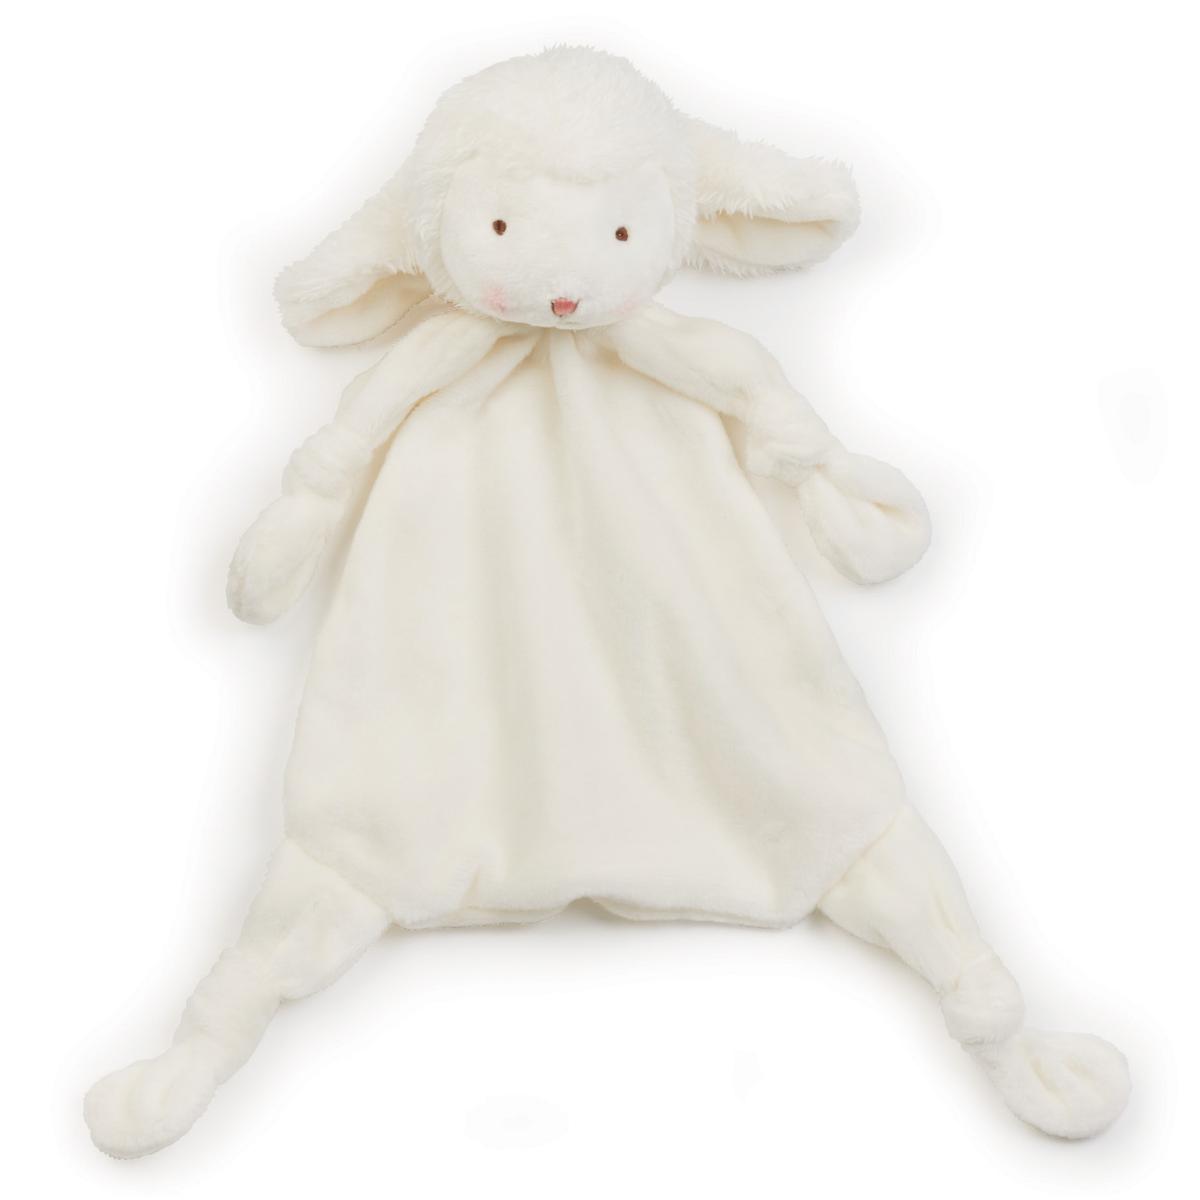 Kiddo the Lamb Knotty Friend